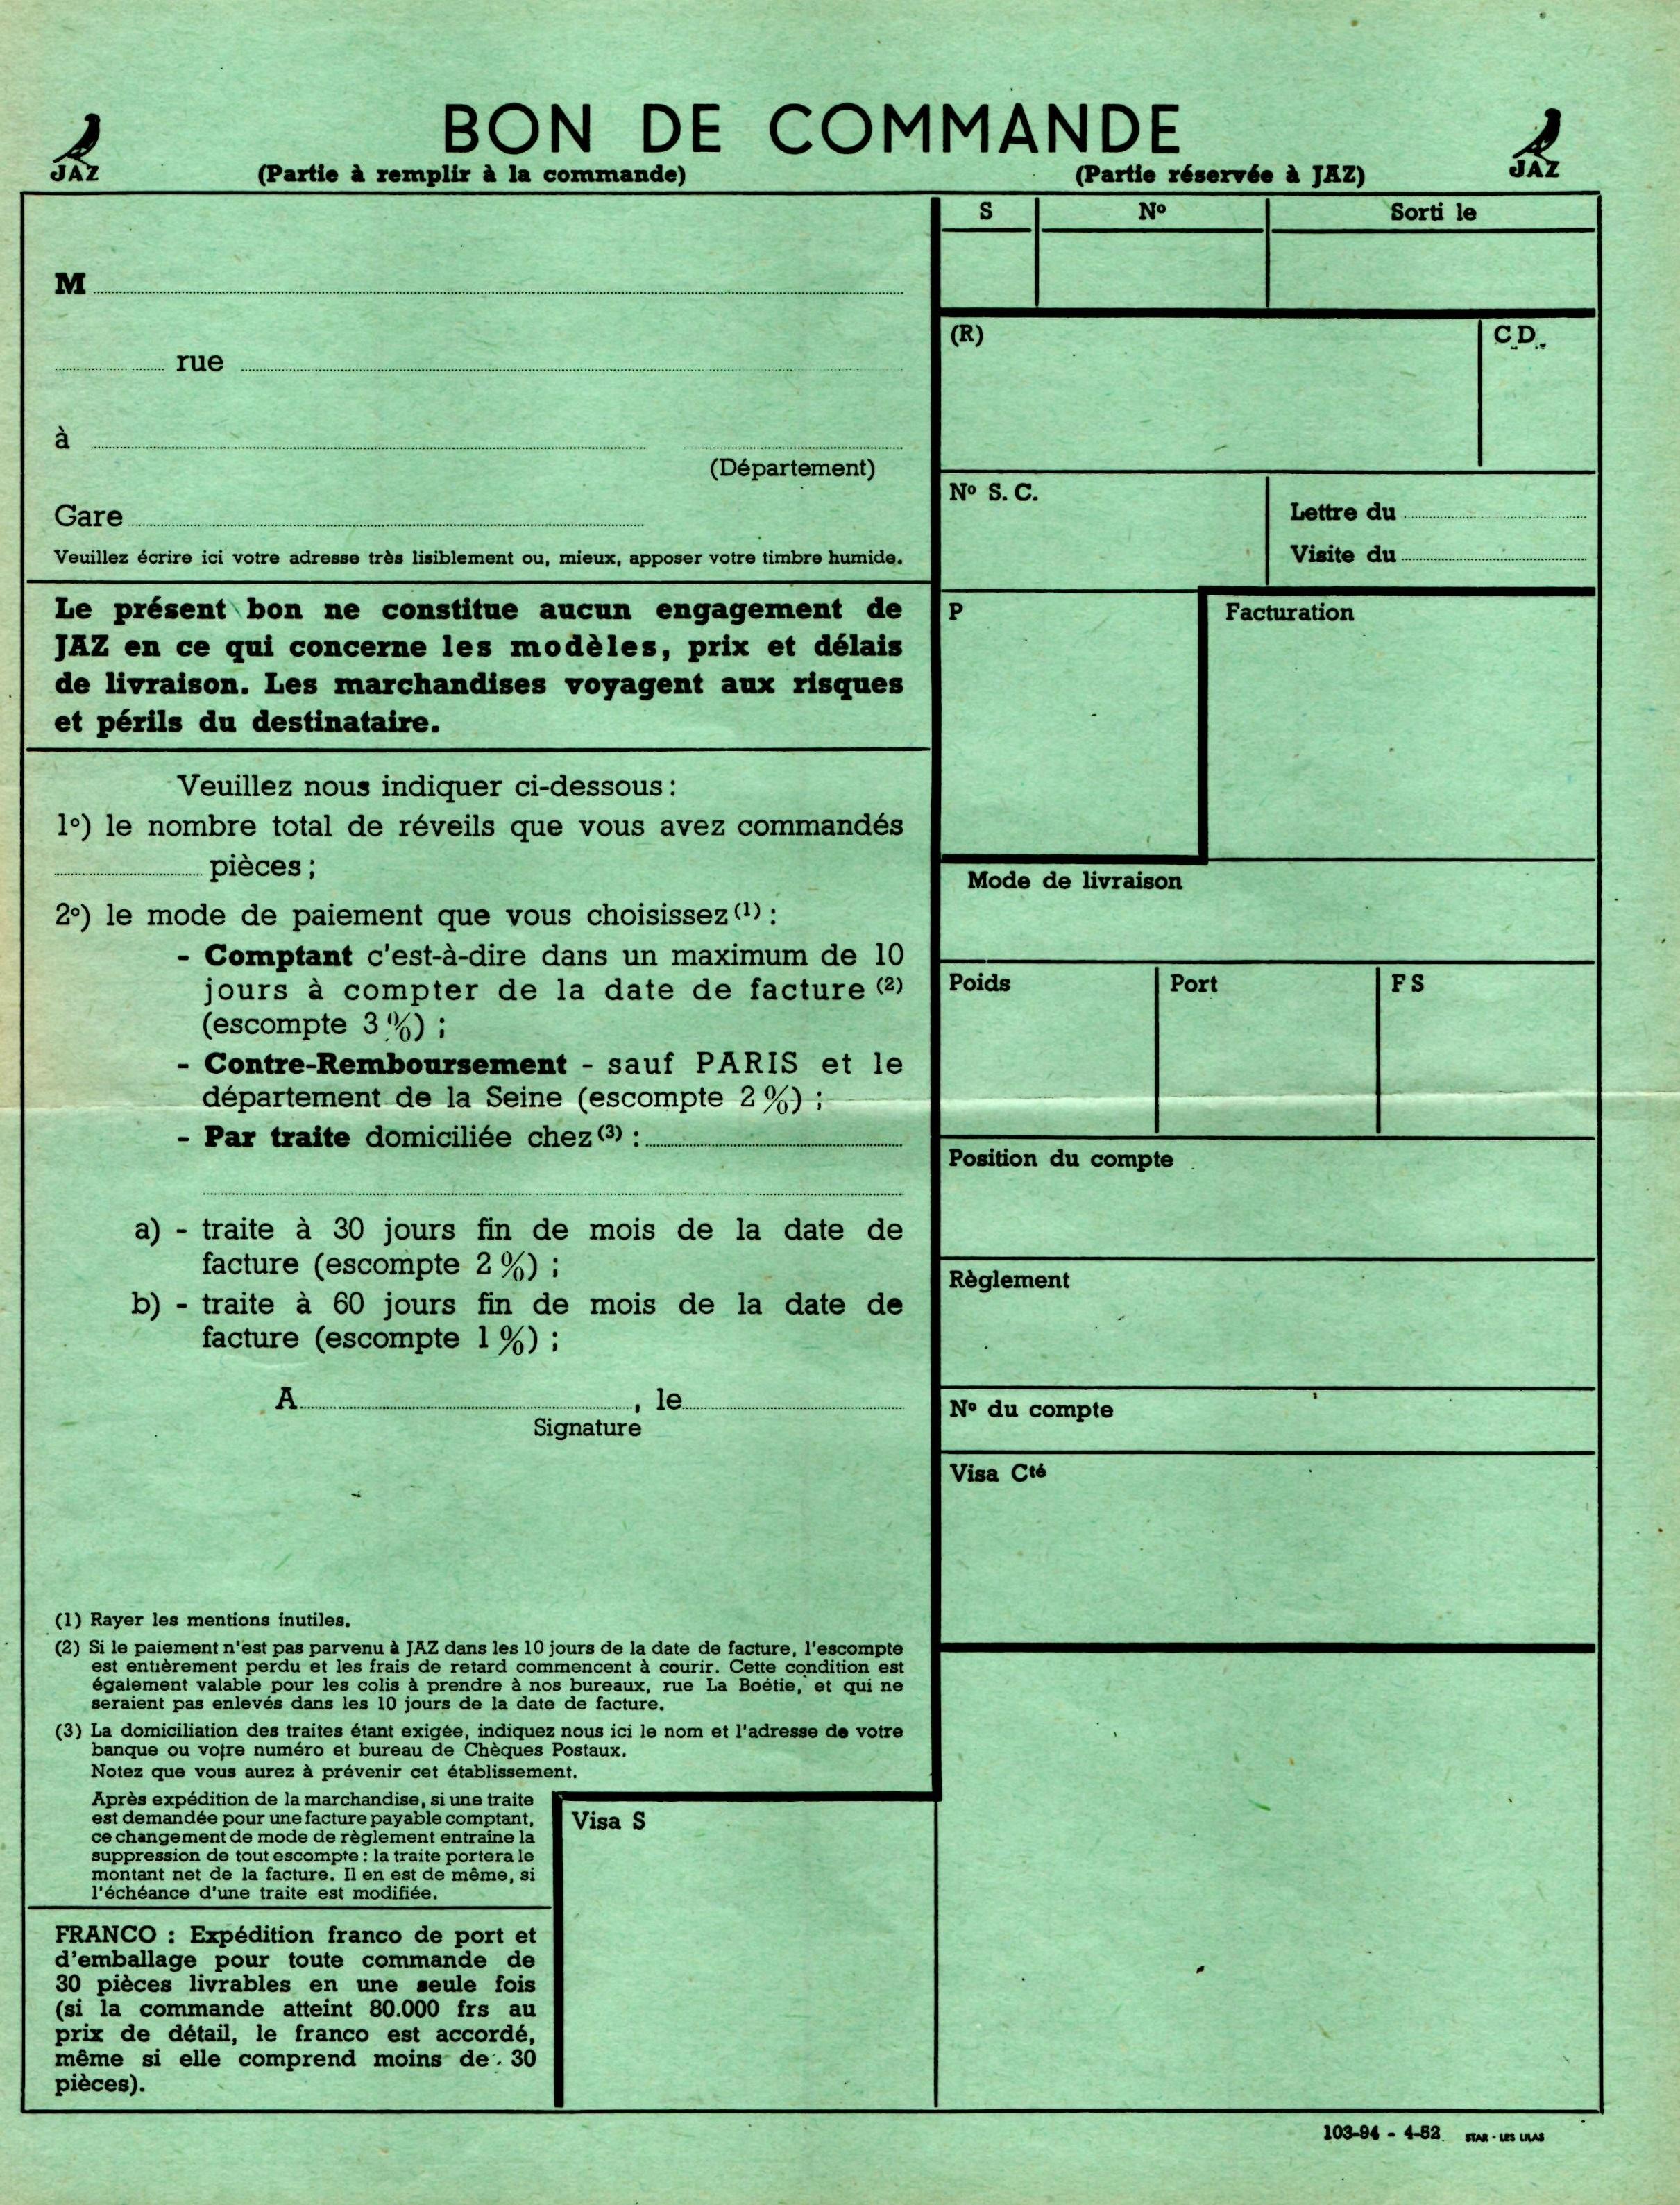 1951 bon de commande tarif FC 51 avril 1952